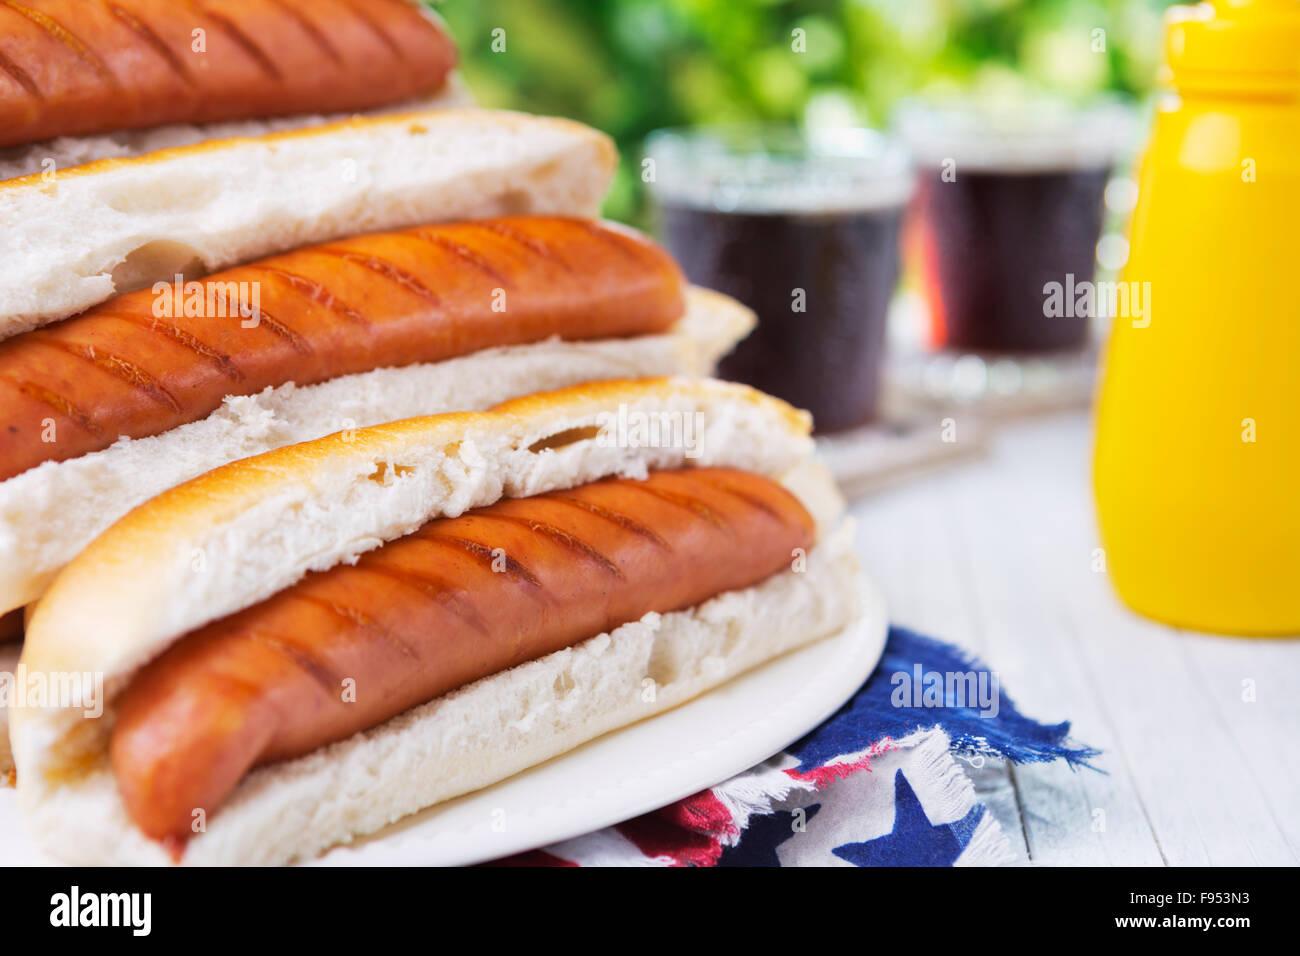 Gustosi piatti caldi cani su un tavolo esterno. Immagini Stock